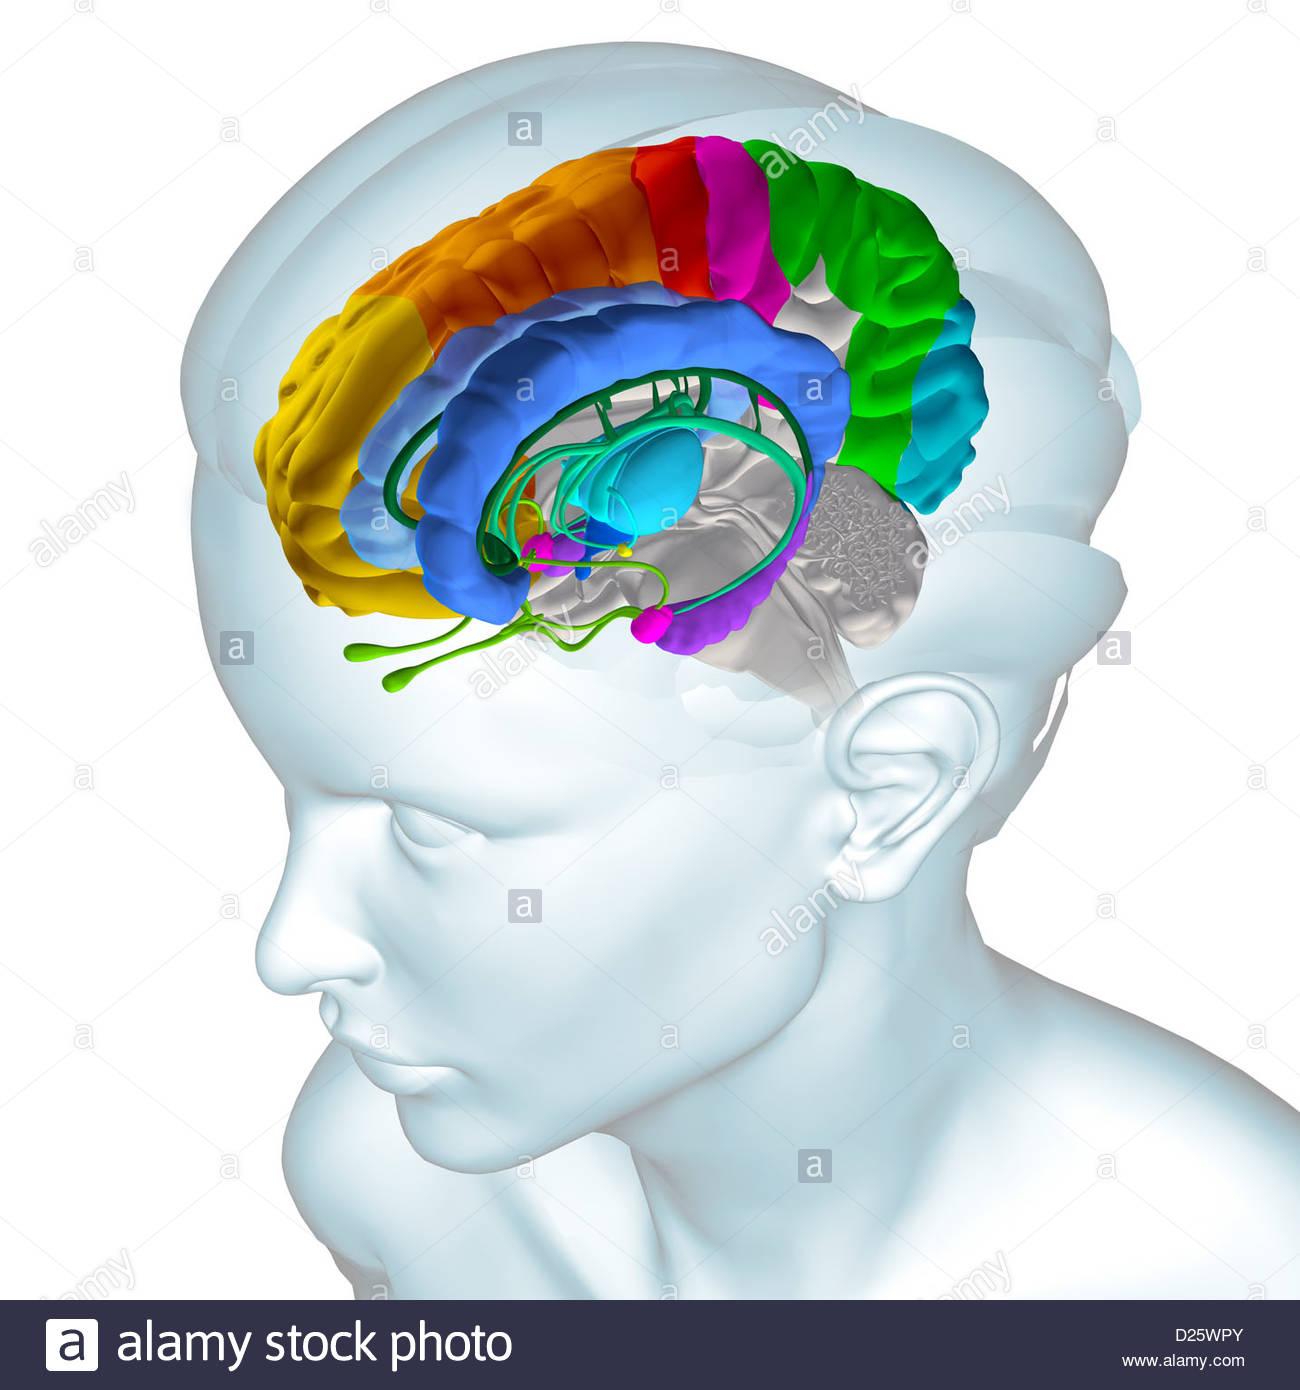 Großartig Interaktive Anatomie Des Gehirns Bilder - Menschliche ...